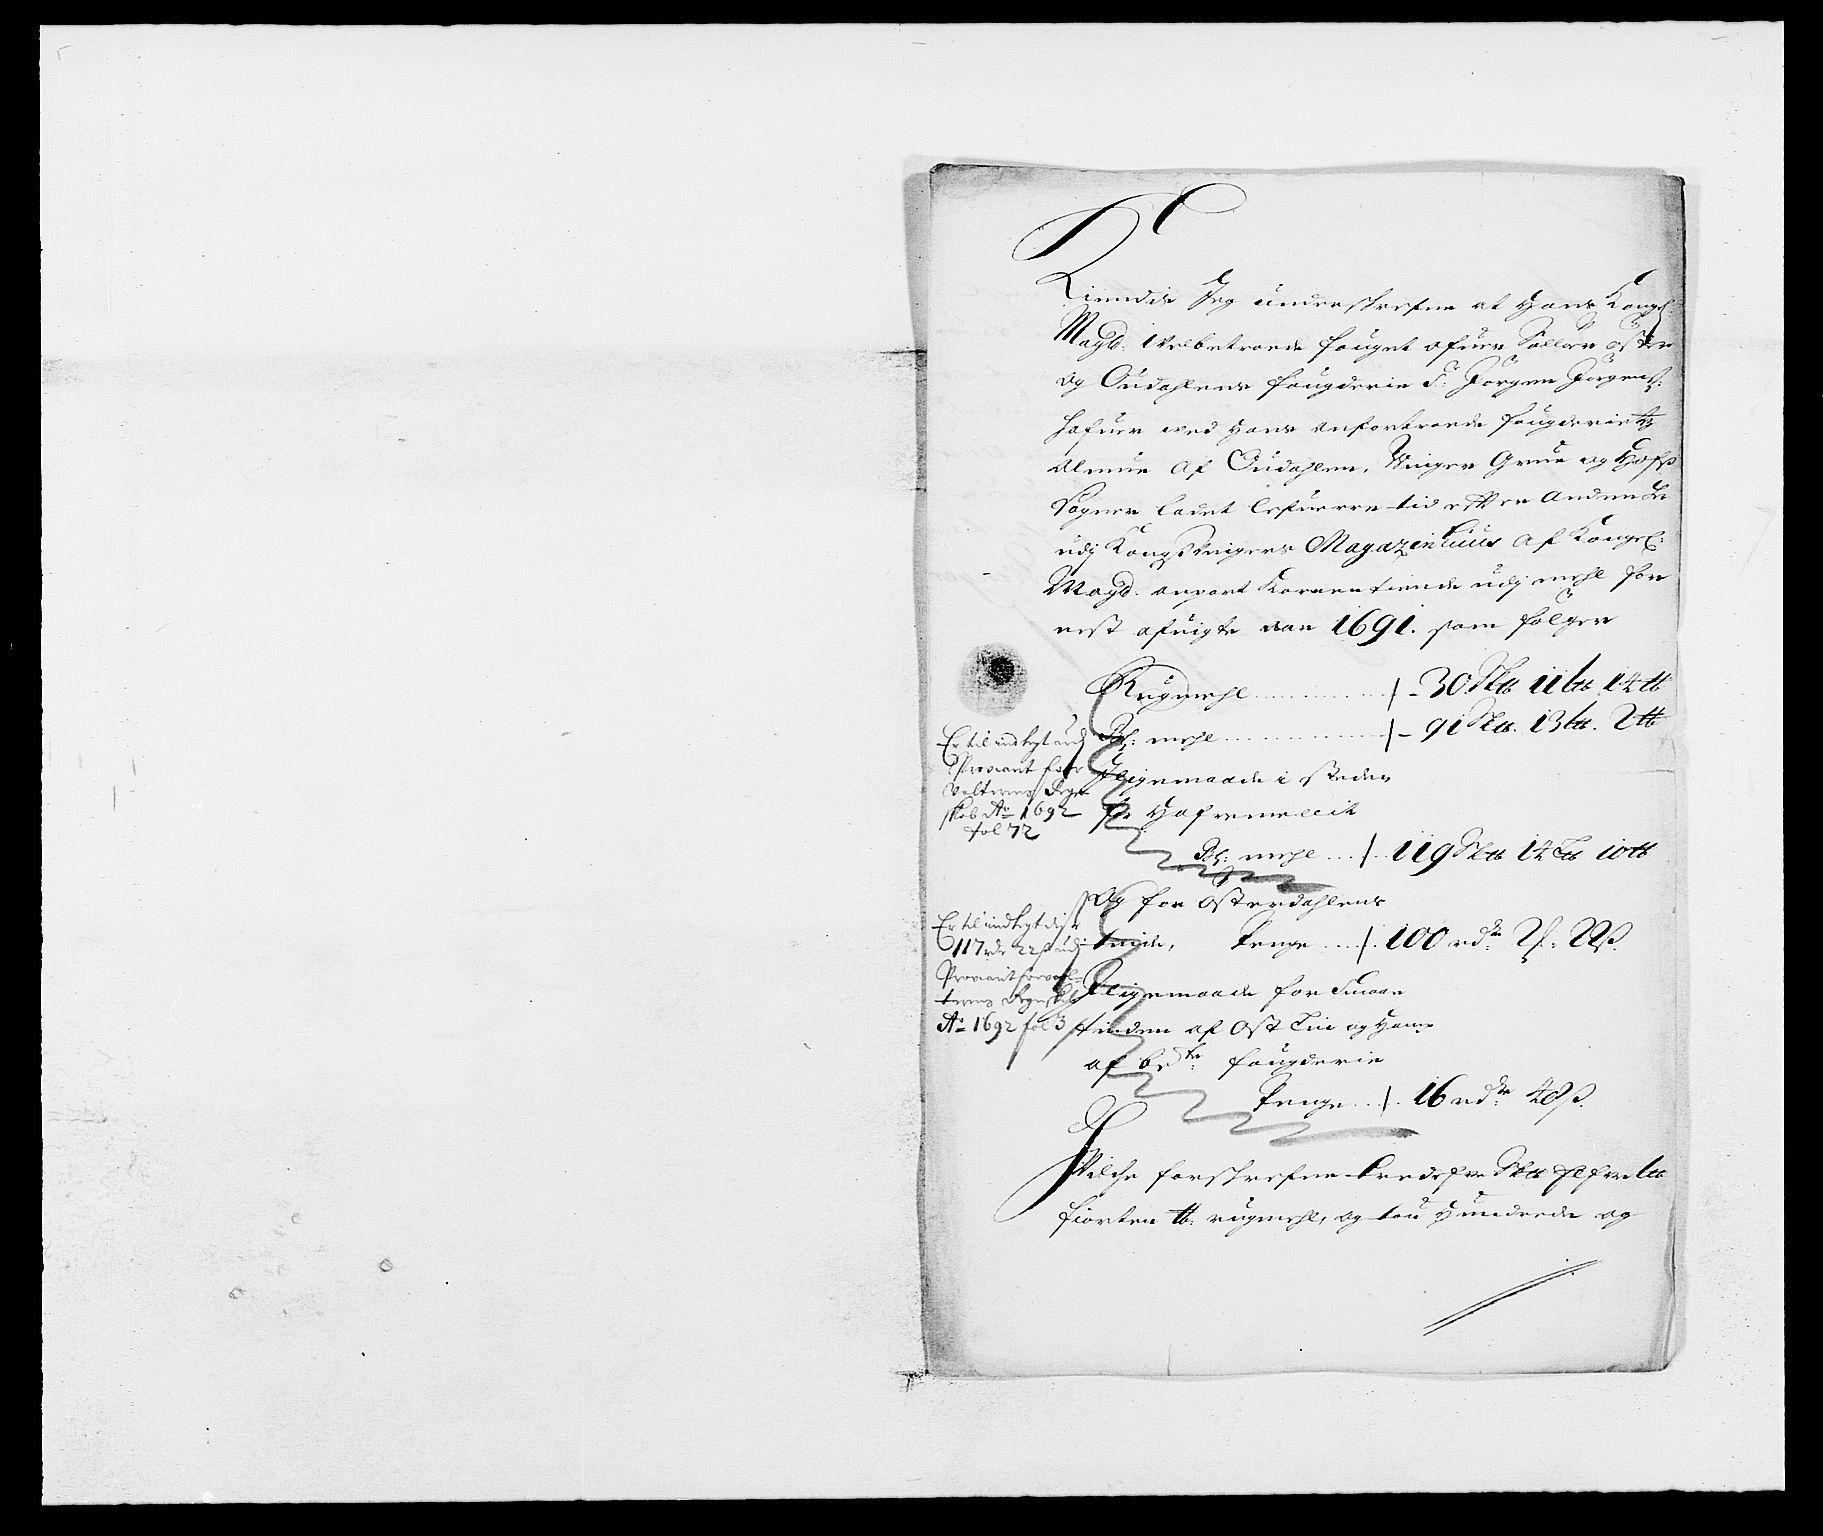 RA, Rentekammeret inntil 1814, Reviderte regnskaper, Fogderegnskap, R13/L0829: Fogderegnskap Solør, Odal og Østerdal, 1691, s. 121